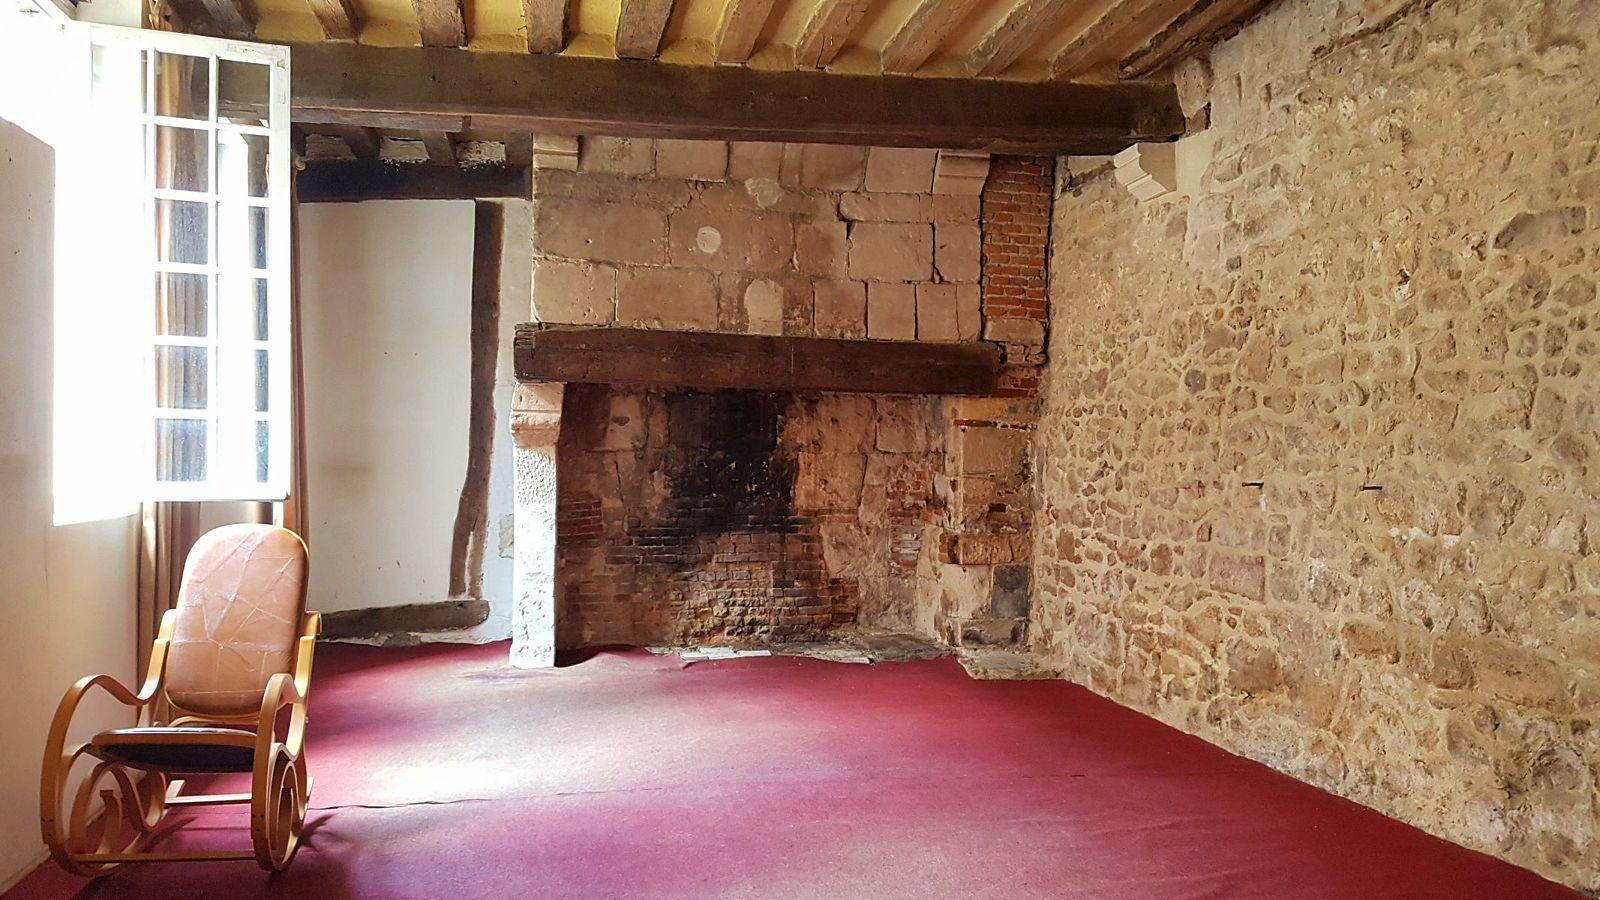 Vends Lisieux hypercentre, Maison du XVème: charme et authenticité - 3chambres, 91m²